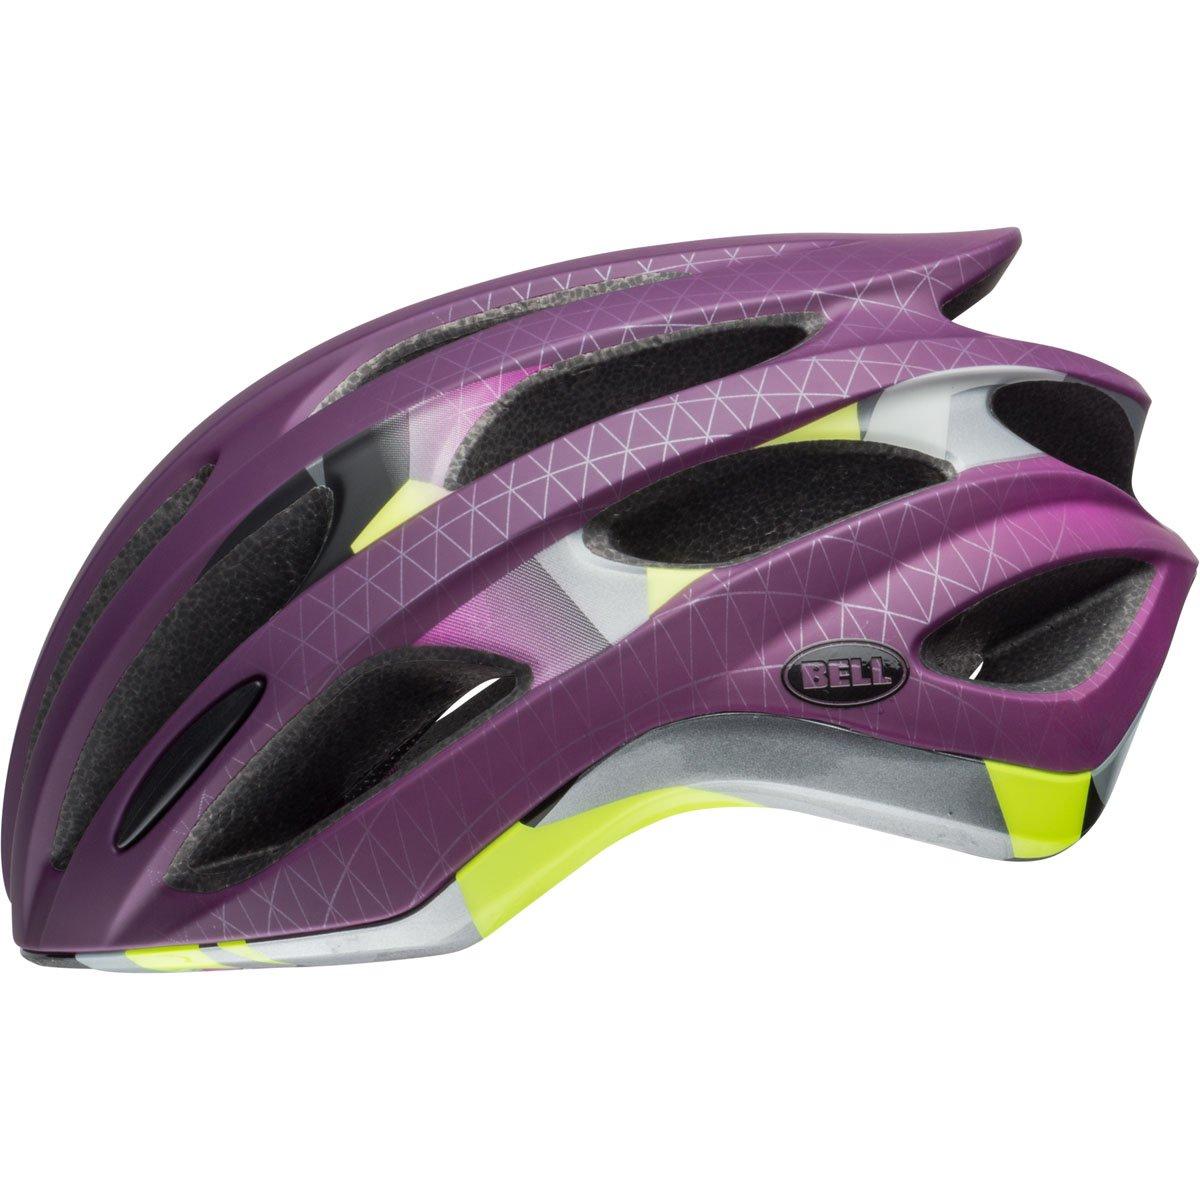 Bell Formula Bike Helmet